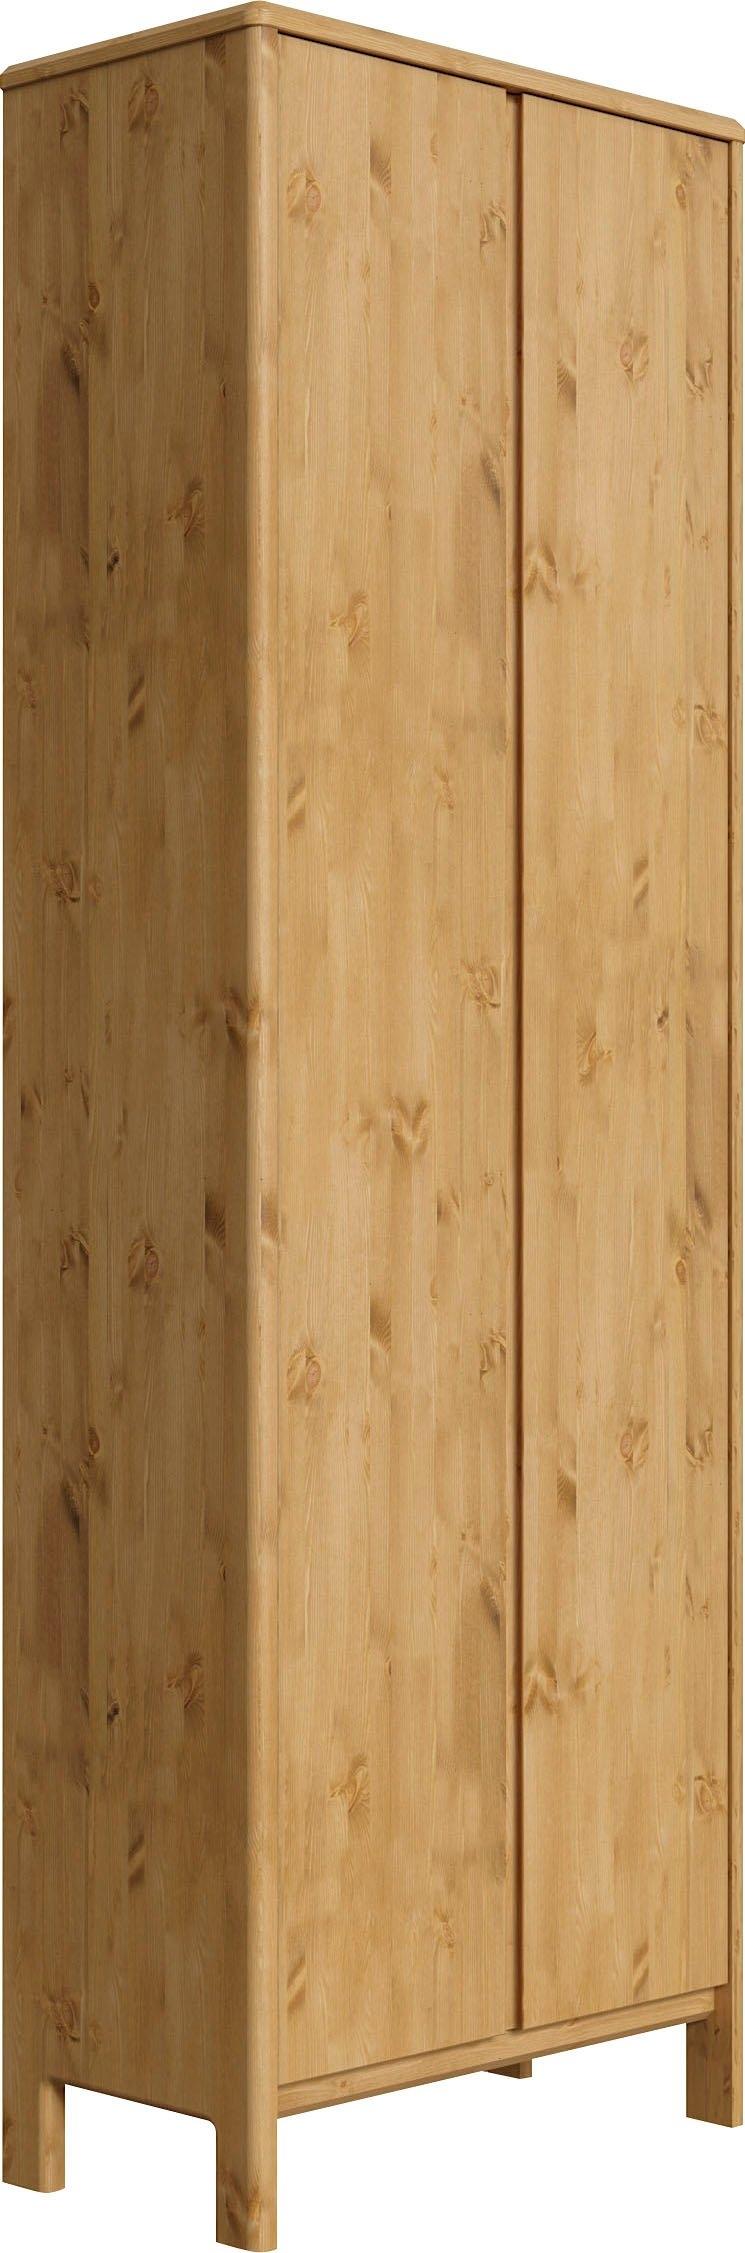 Home affaire kledingkast Livana van massief hout - gratis ruilen op otto.nl